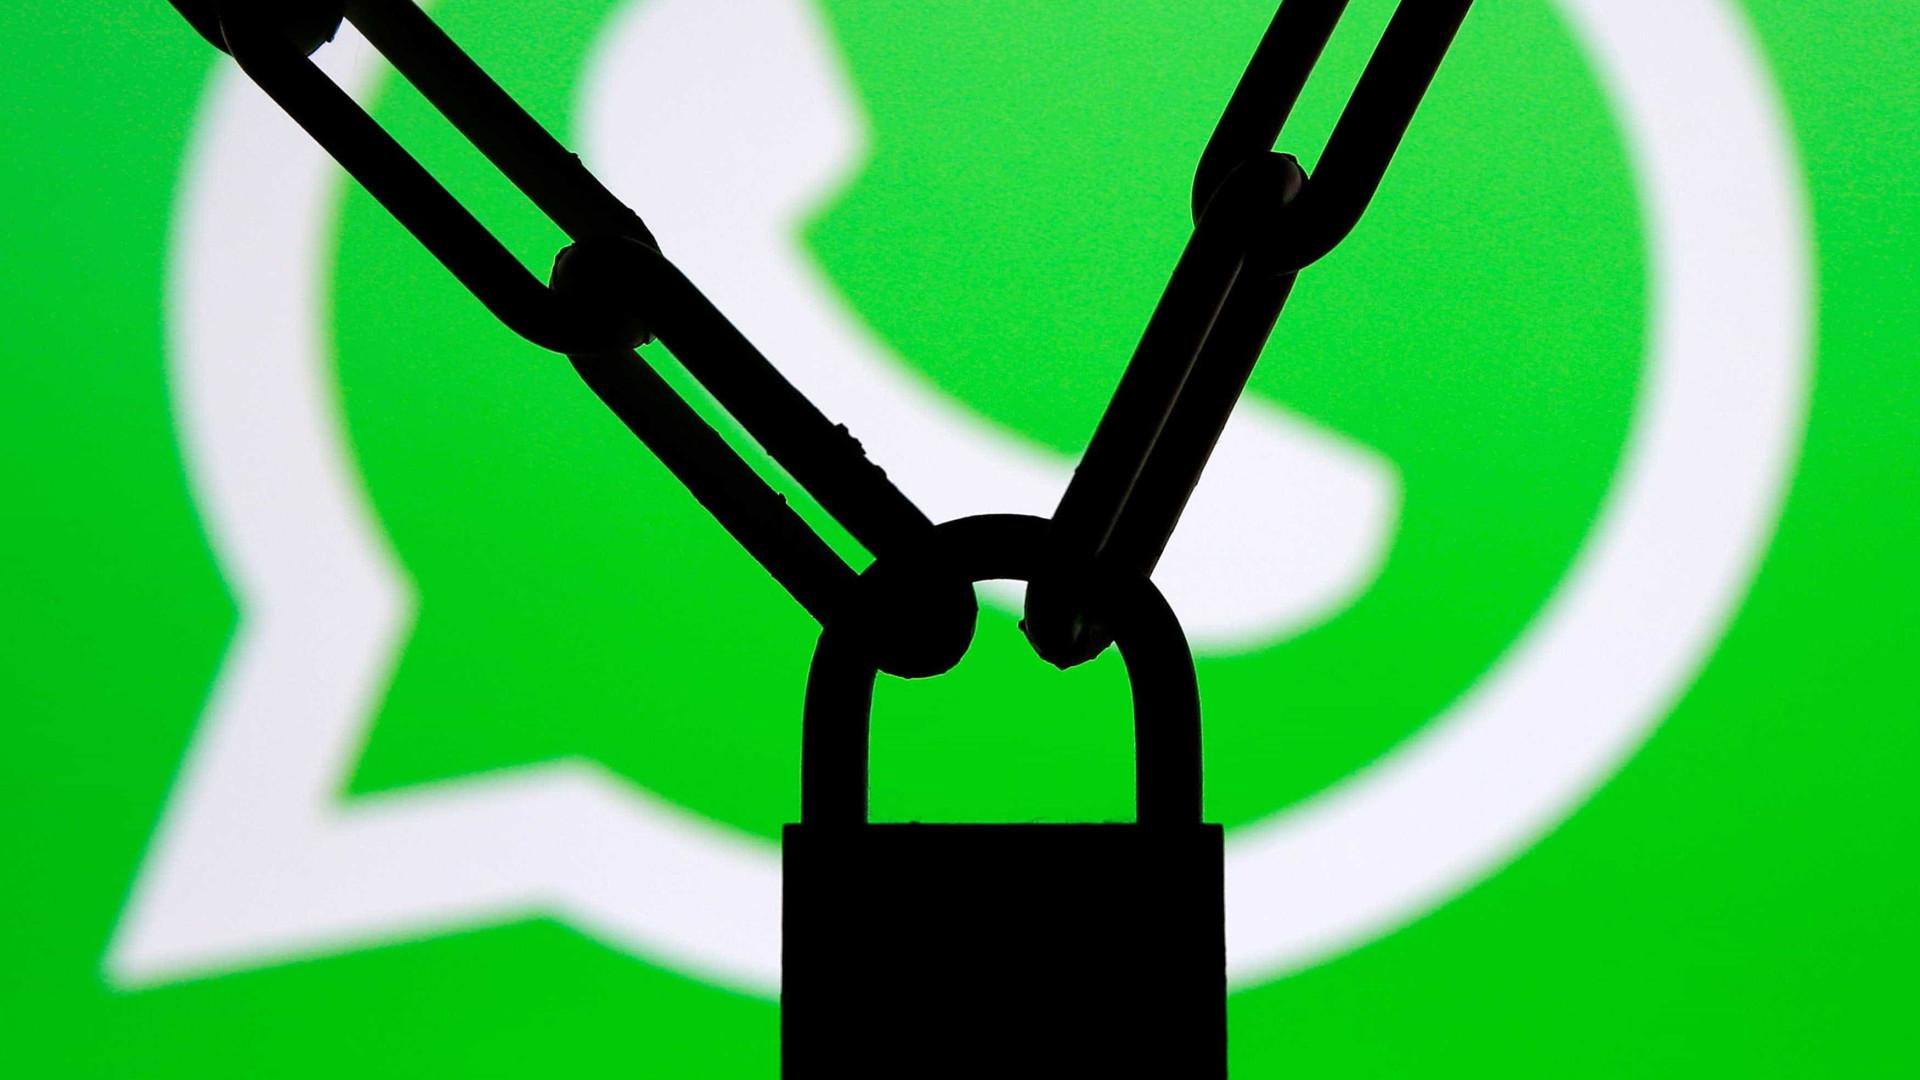 Empresa oferece mais de R$ 1,5 mi para quem achar falhas no WhatsApp